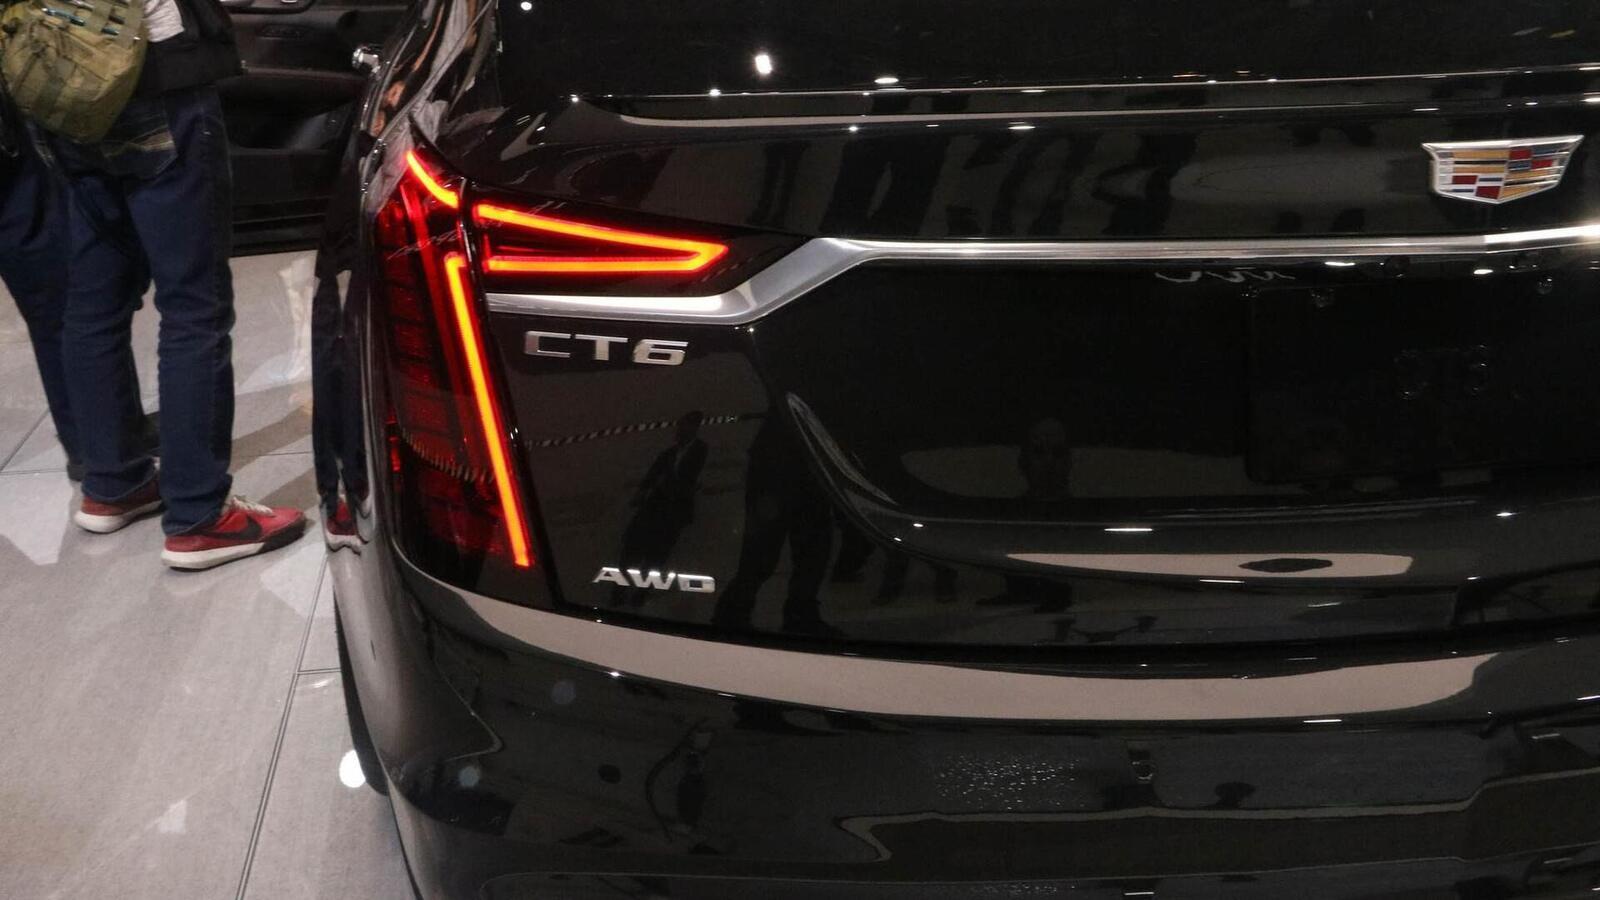 Cadillac mang CT6 V-Sport 2019 đến triển lãm ô tô New York 2018 - Hình 8